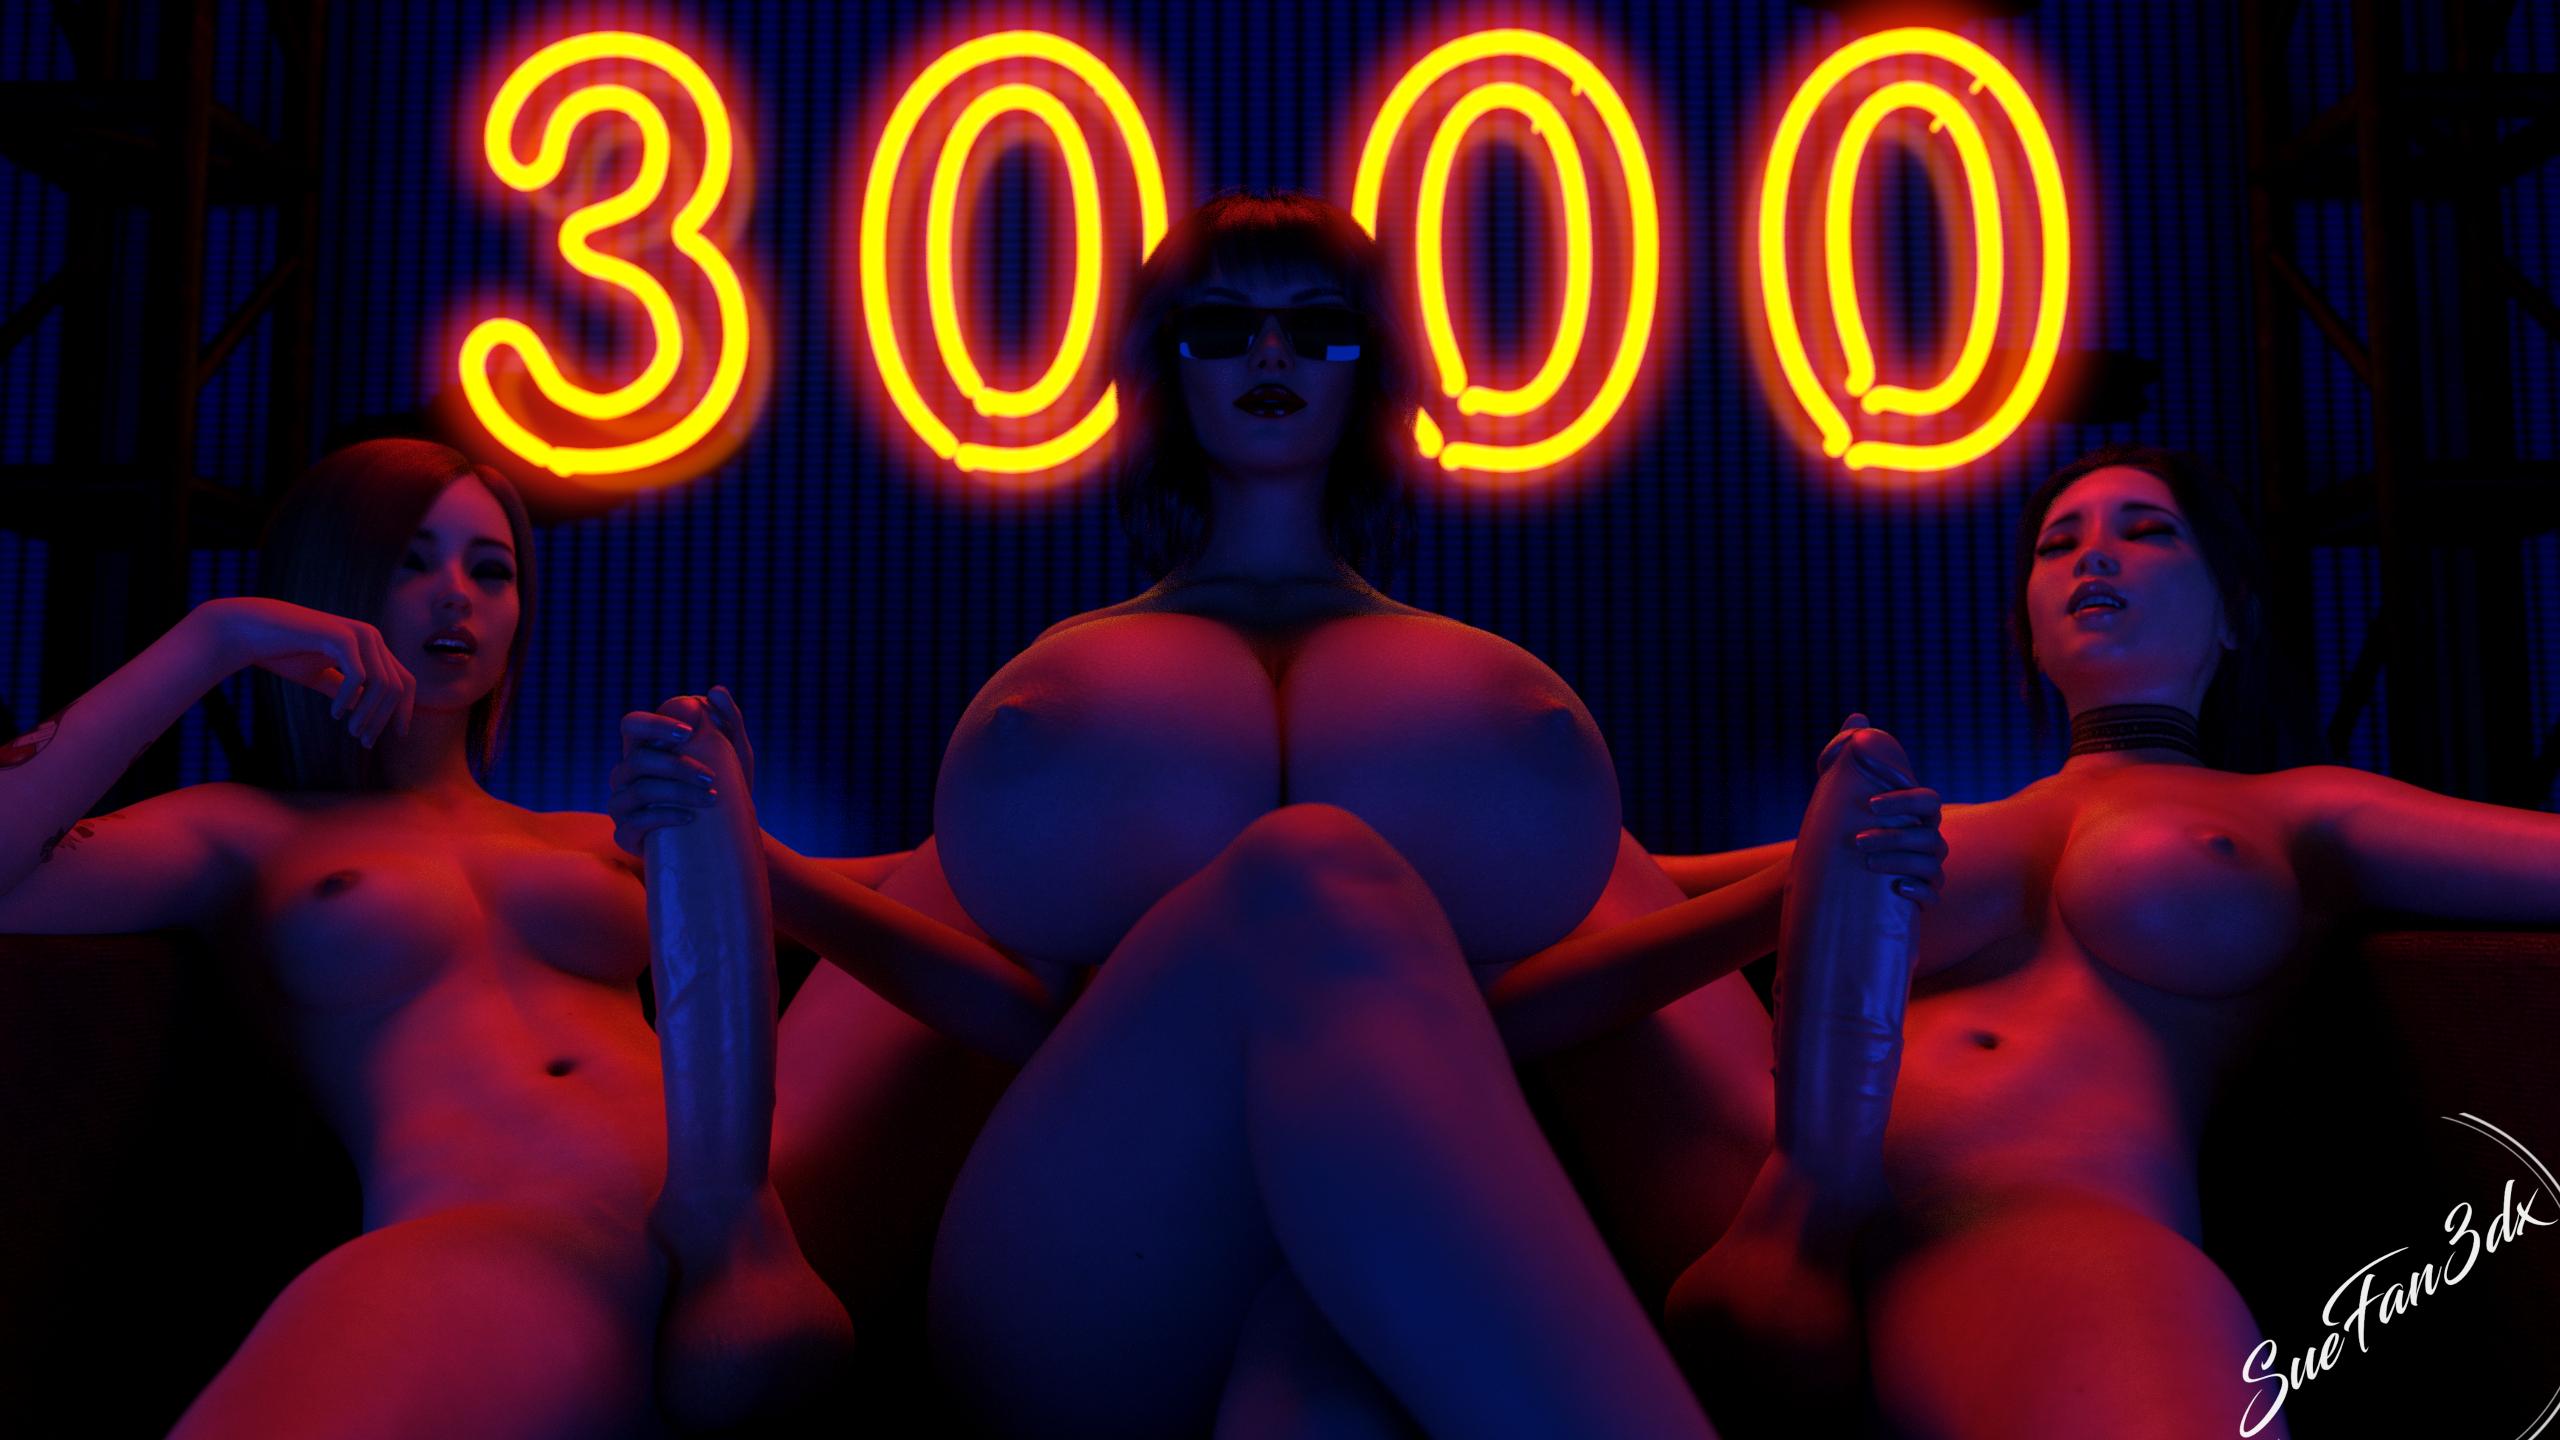 3000 Twitter followers render